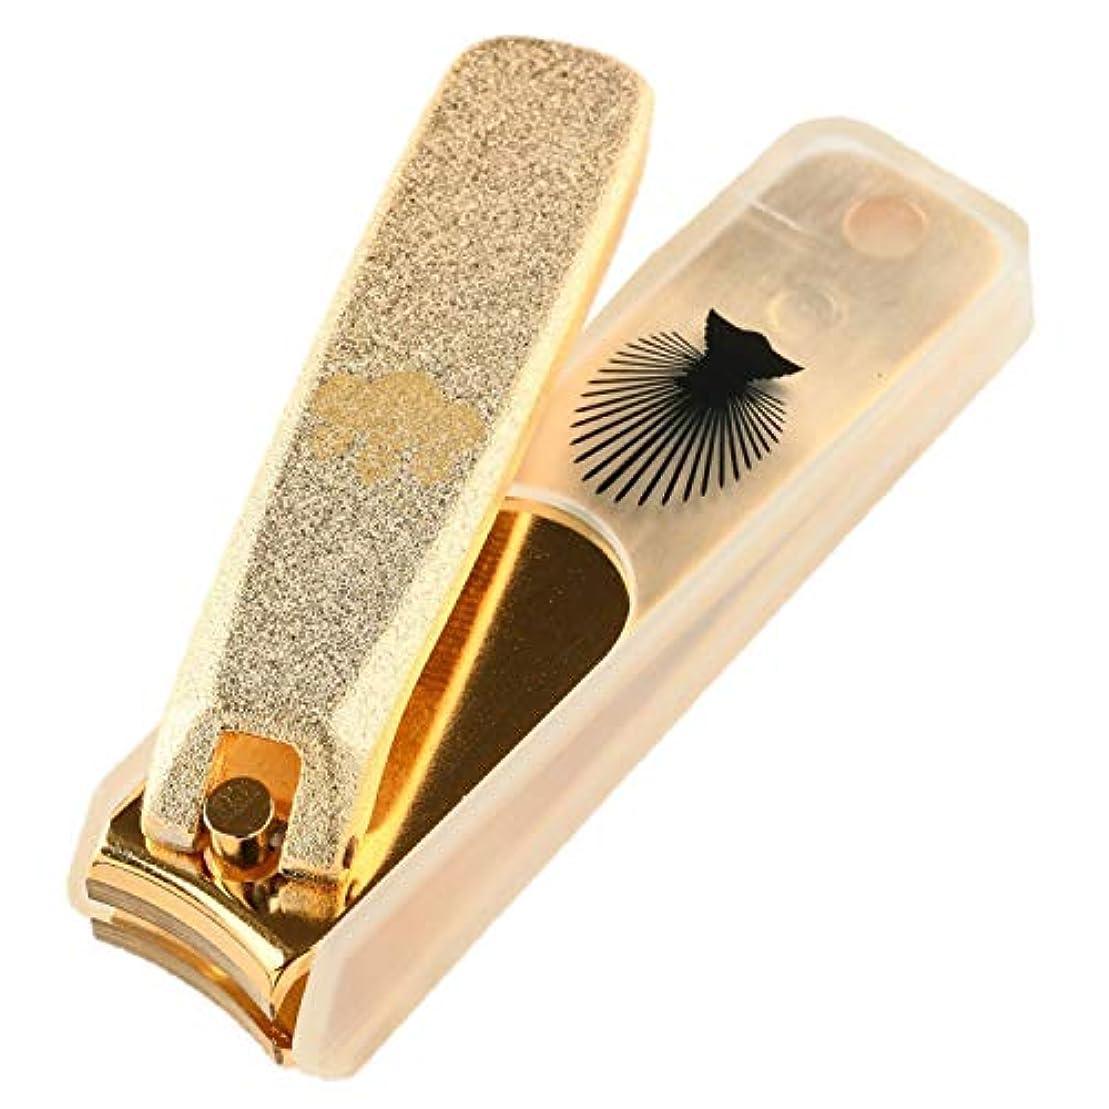 ポルティコエアコンシングルNIKKEN ニッケン刃物 関伝の美 武将爪切り 豊臣秀吉モデル ゴールド NL-18H